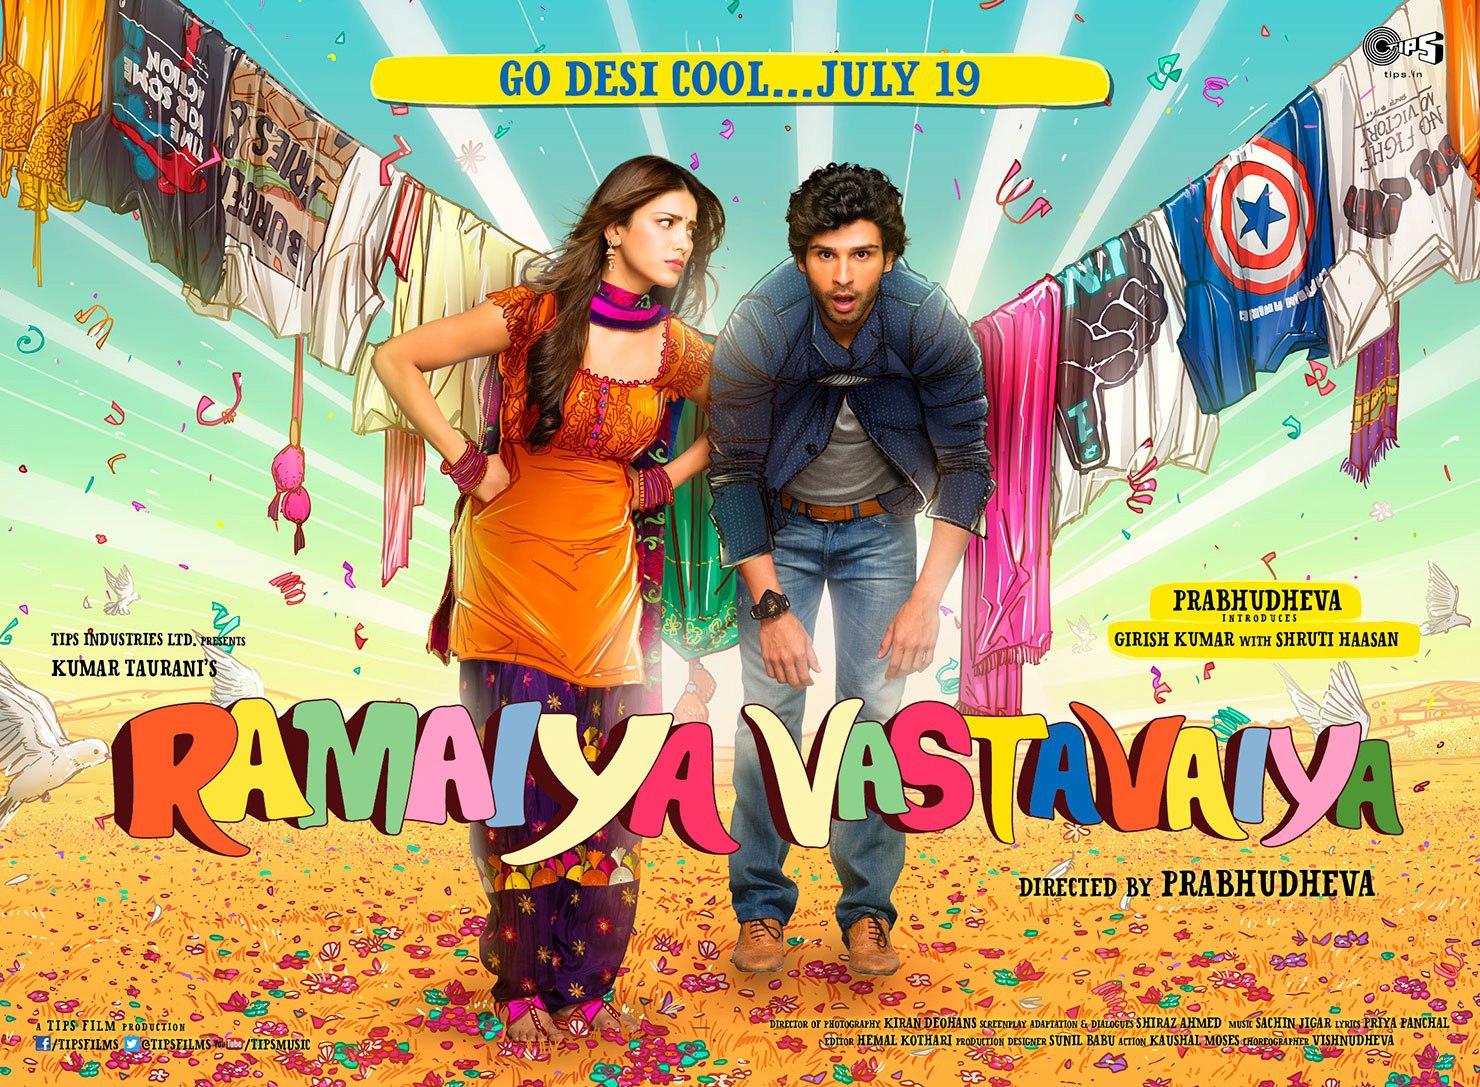 Ramaiya Vastavaiya - Movie Poster #11 (Original)